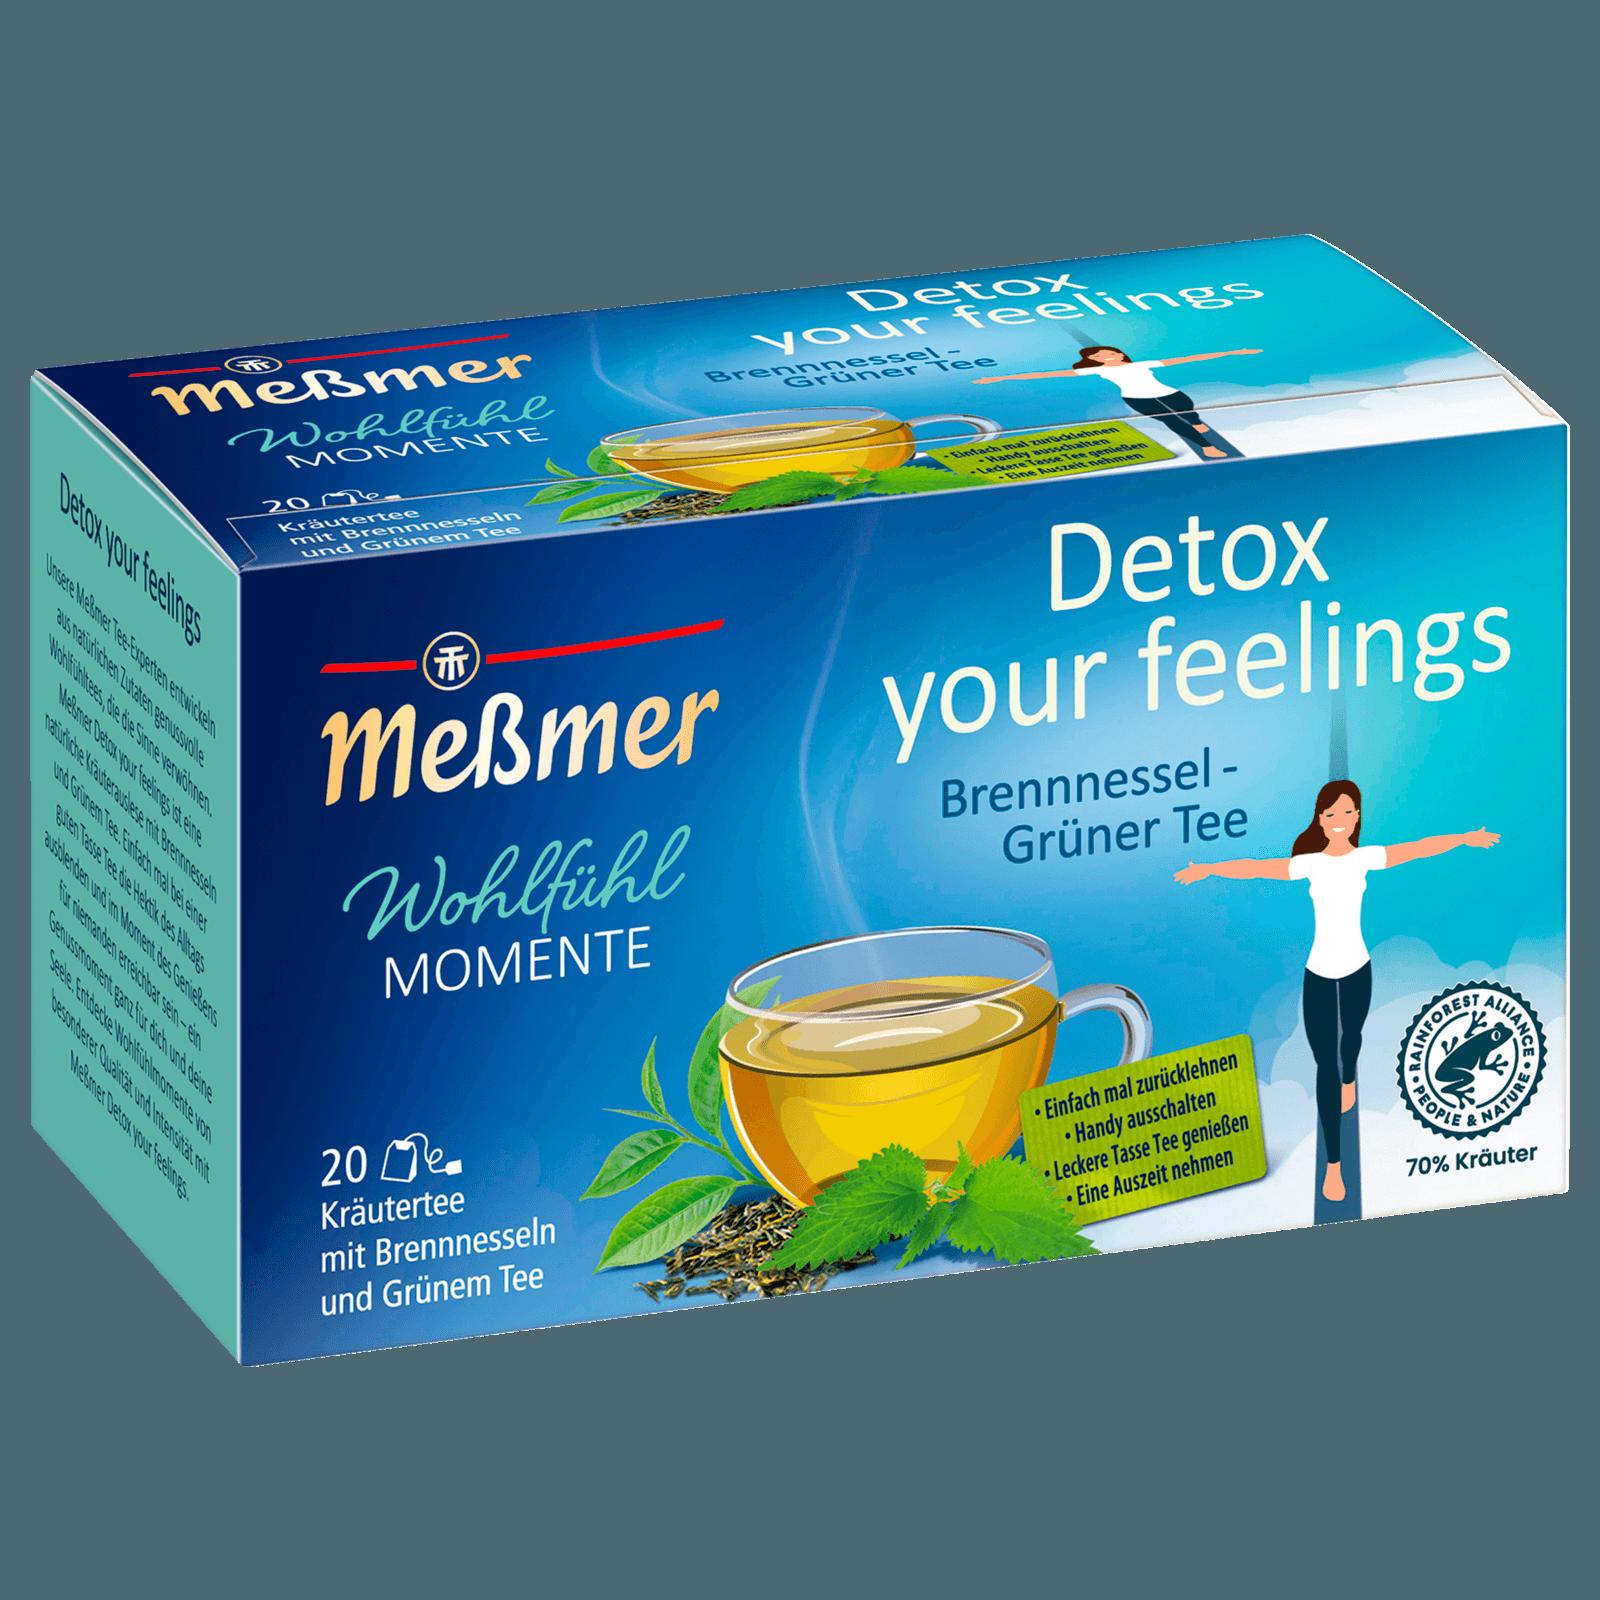 Meßmer Brennessel-Grüner Tee 40g, 20 Beutel bei REWE online bestellen!